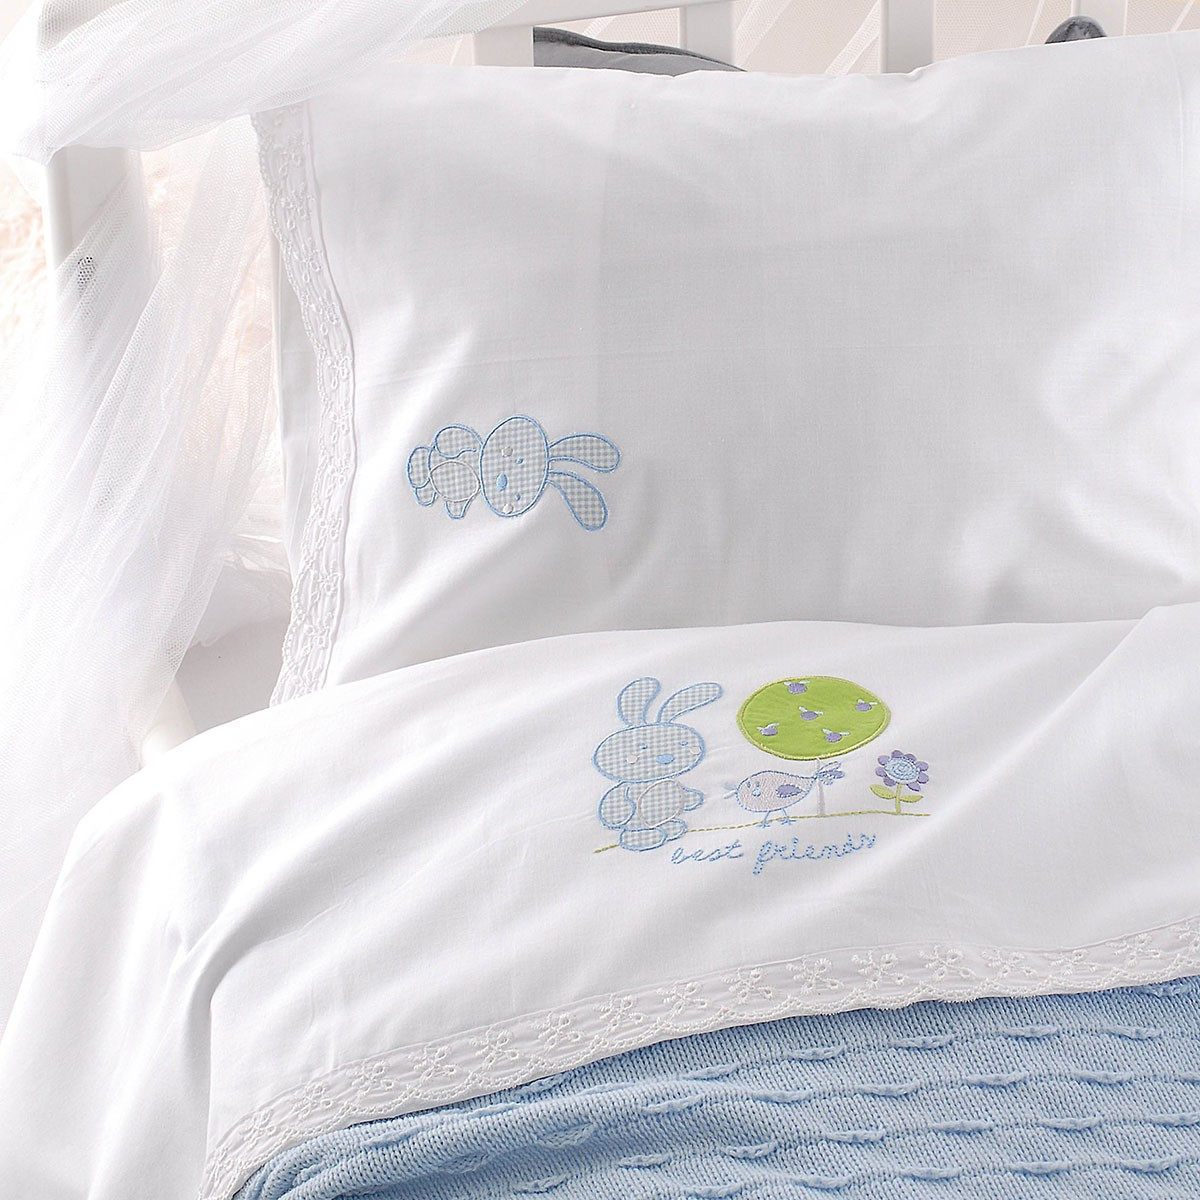 Κουβέρτα Πικέ Κούνιας Rythmos Sweet Summer Ciel home   βρεφικά   κουβέρτες βρεφικές   κουβέρτες καλοκαιρινές